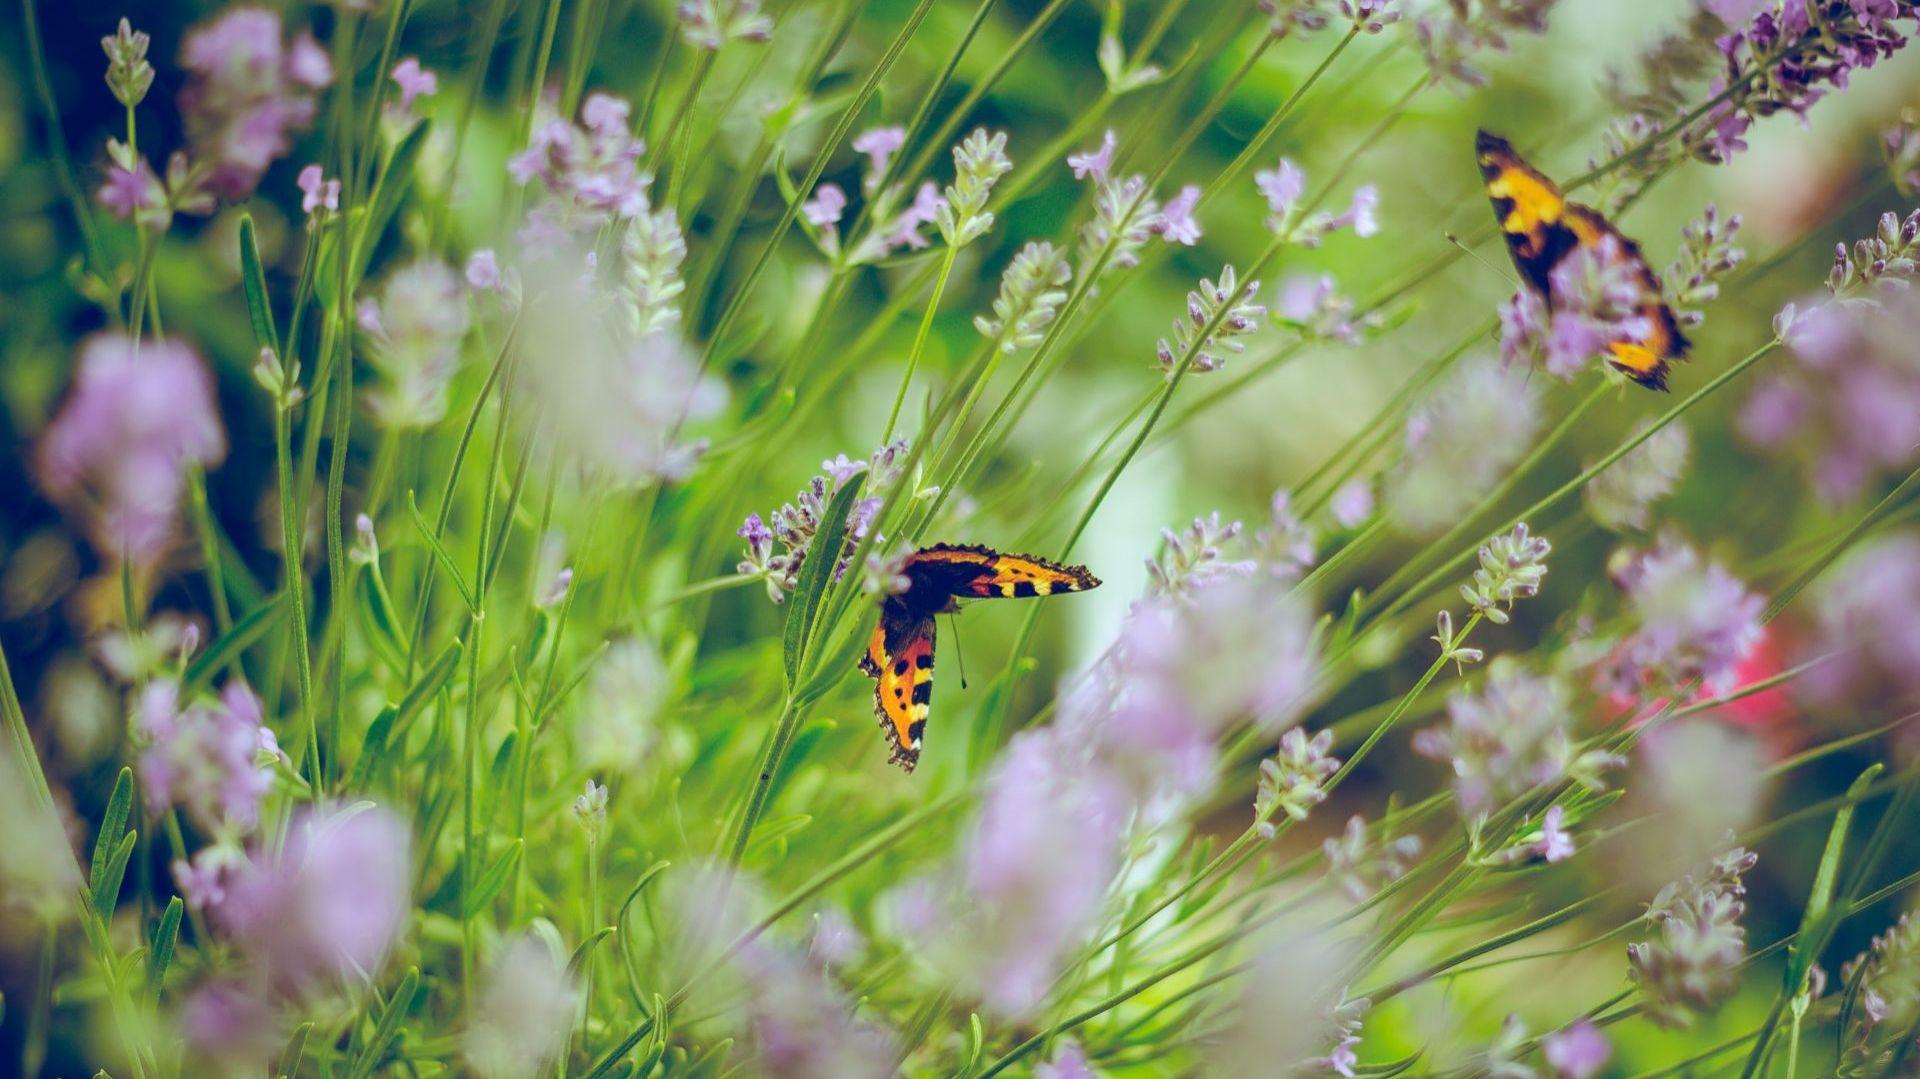 Ekologiczny ogród jest przyjazny owadom. Fot. Unsplash.com